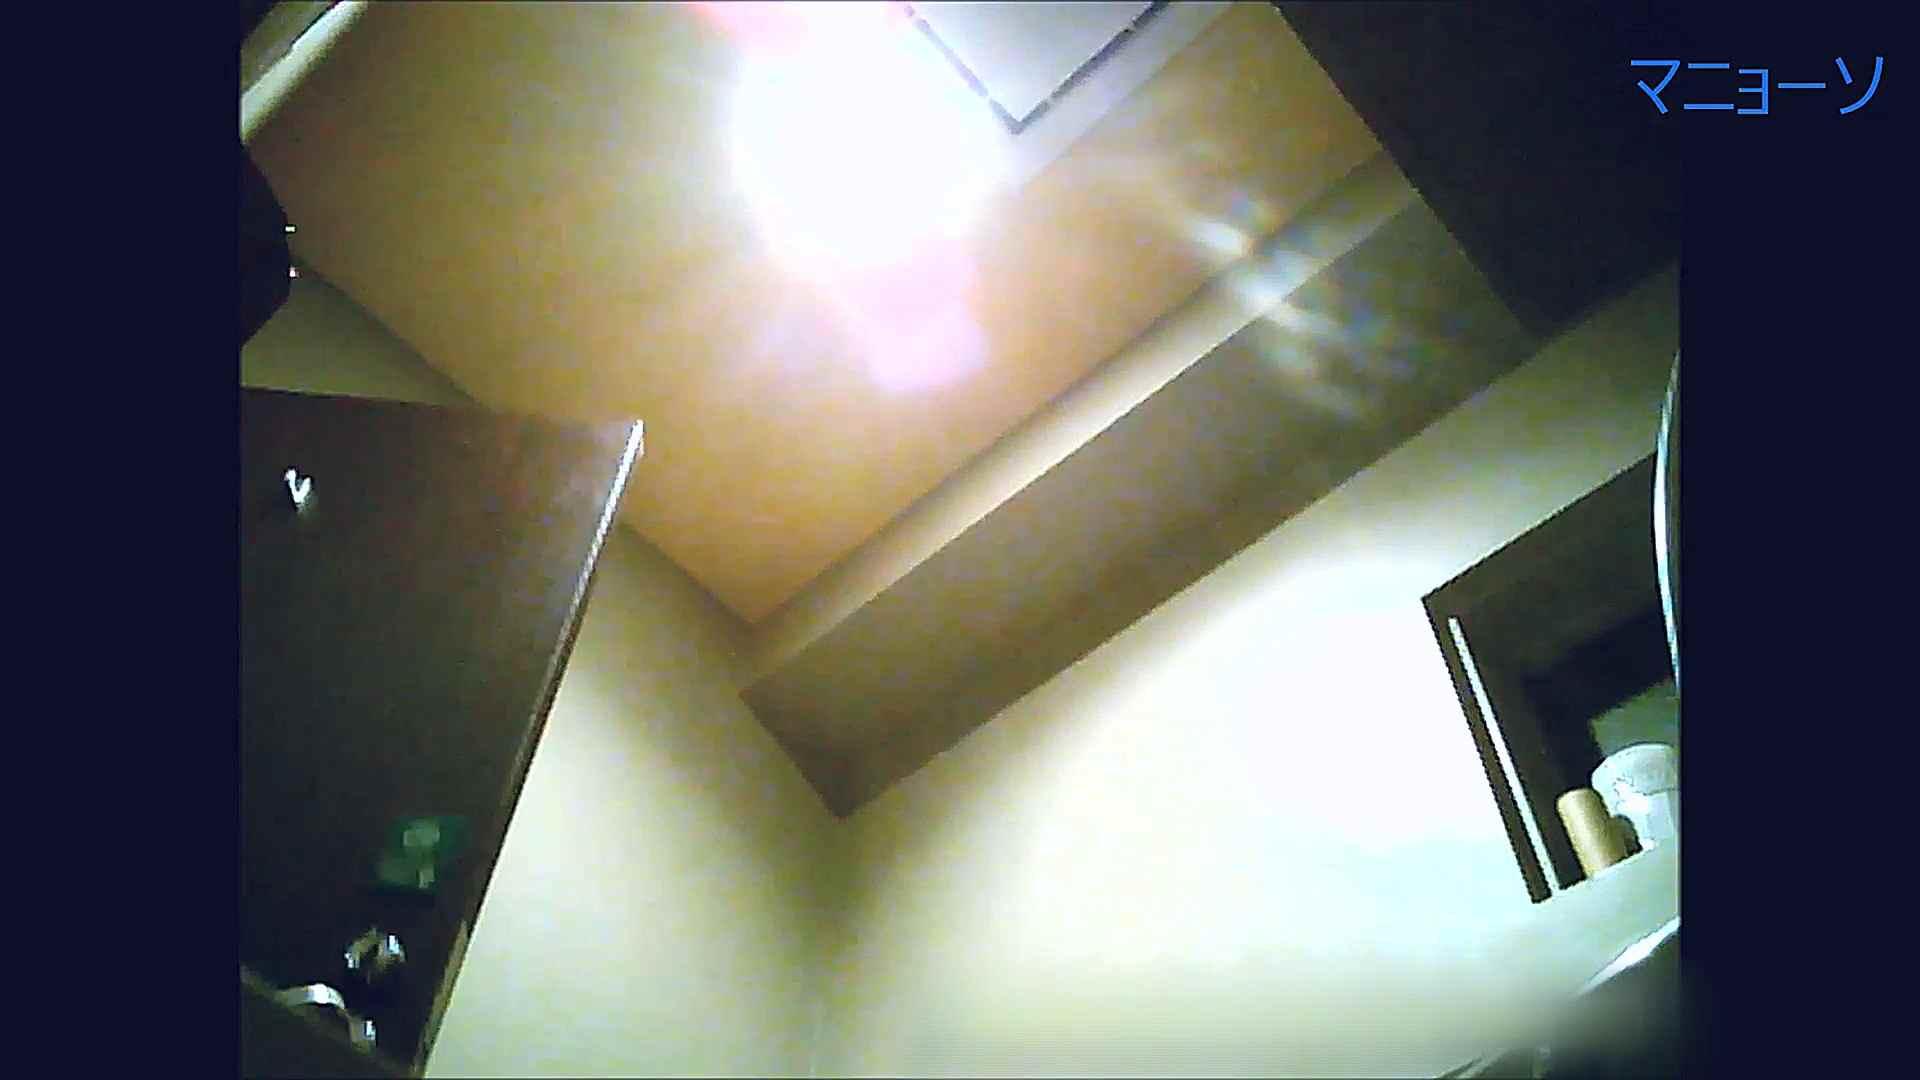 トイレでひと肌脱いでもらいました (OL編)Vol.13 OL | トイレ中  61連発 50